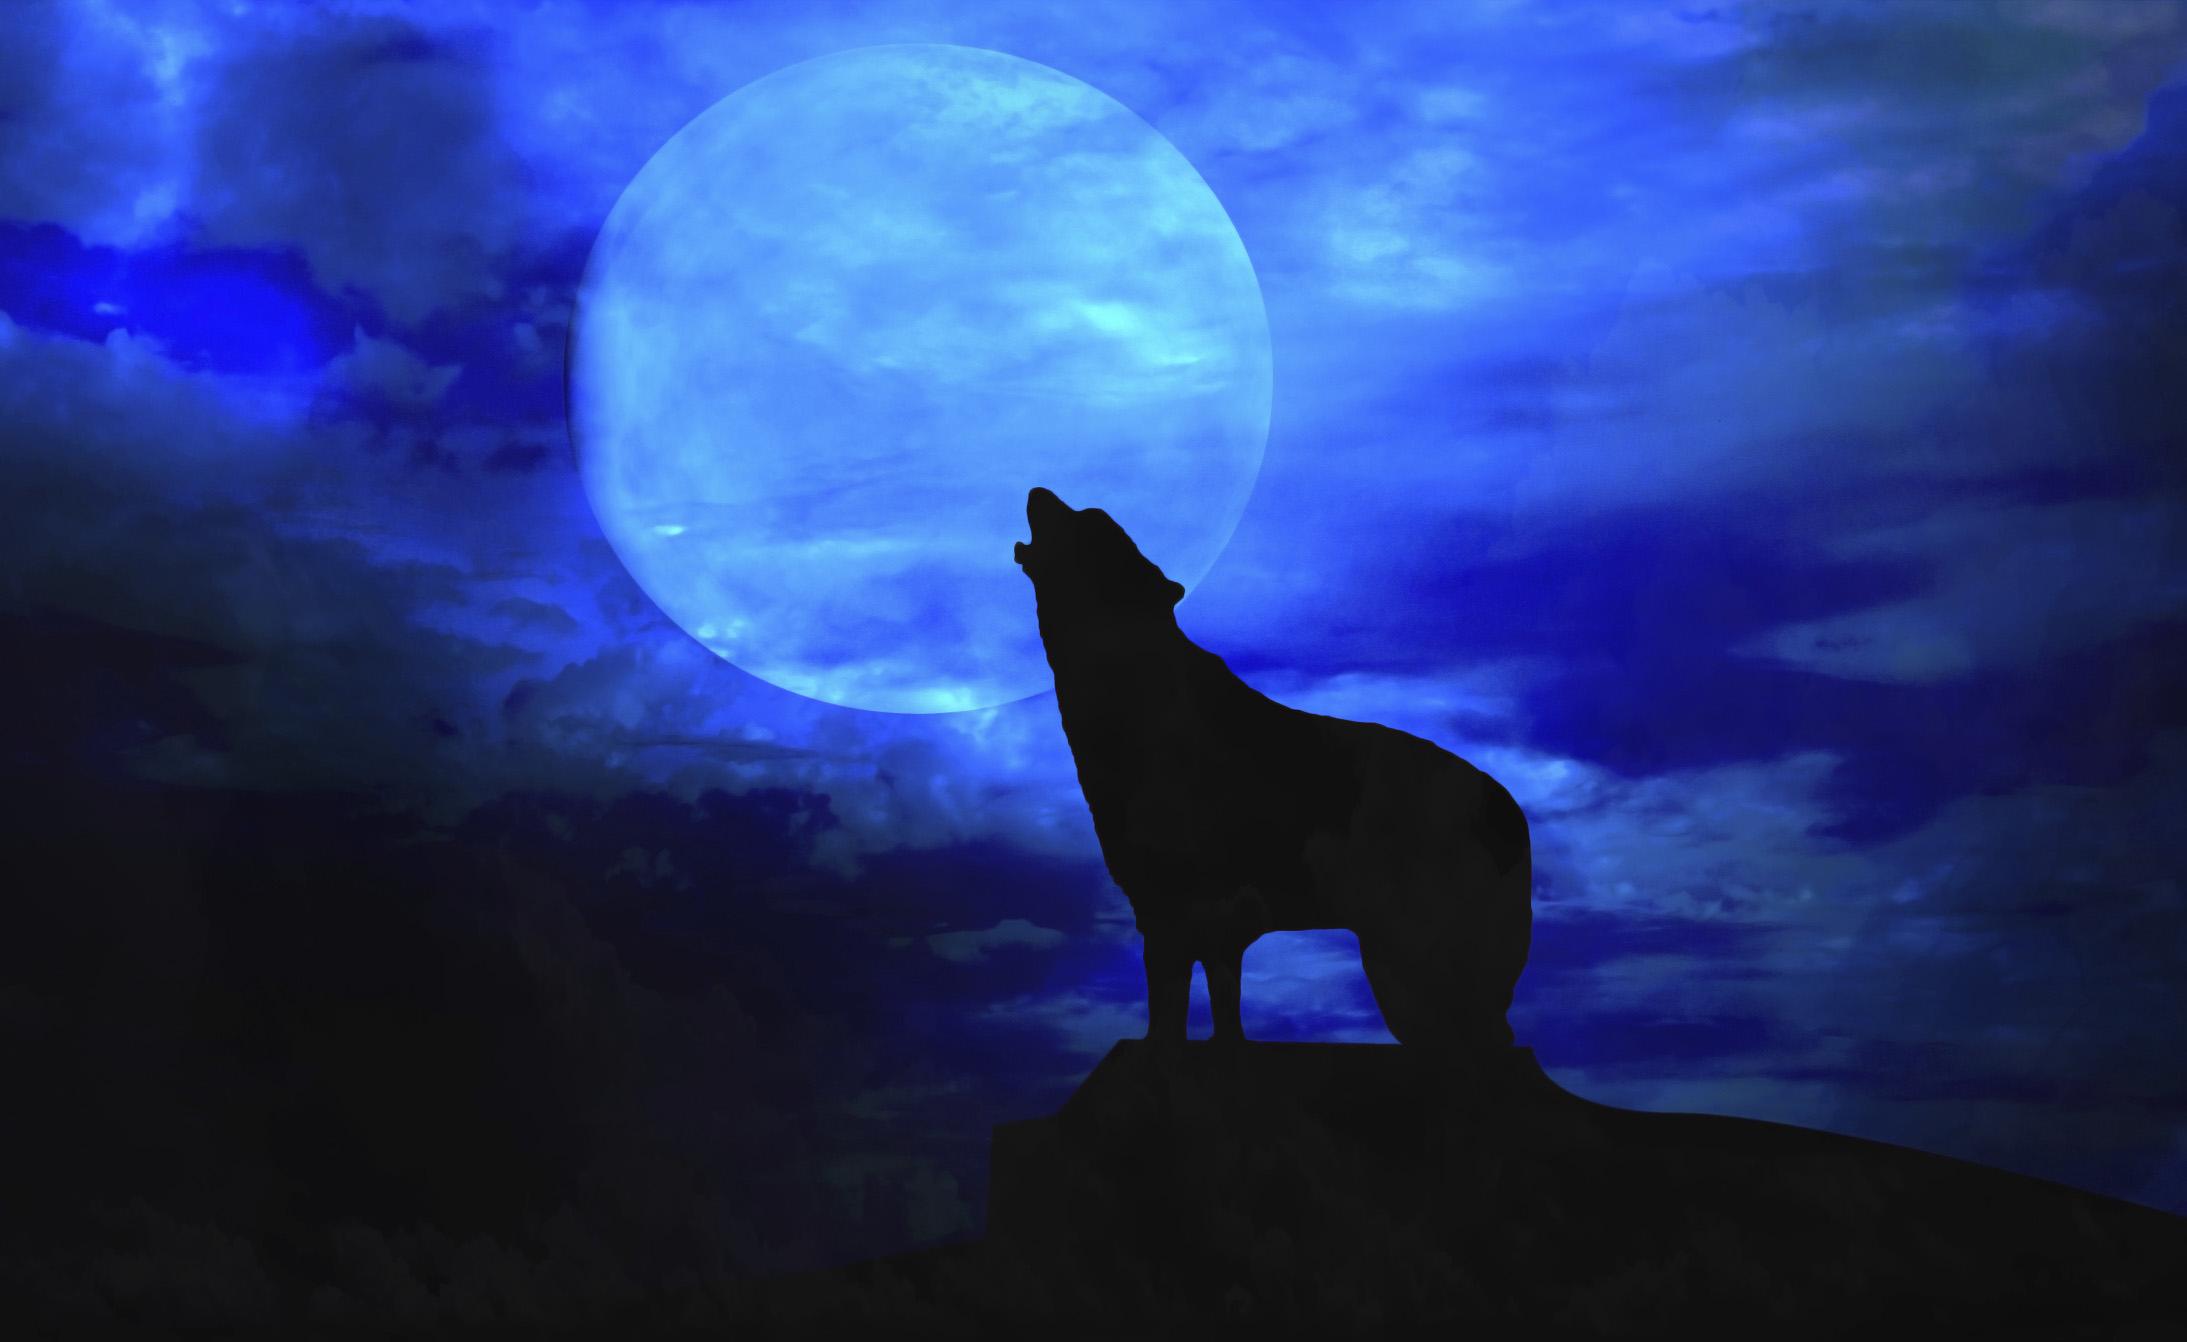 Il lupo mannaro esiste davvero?